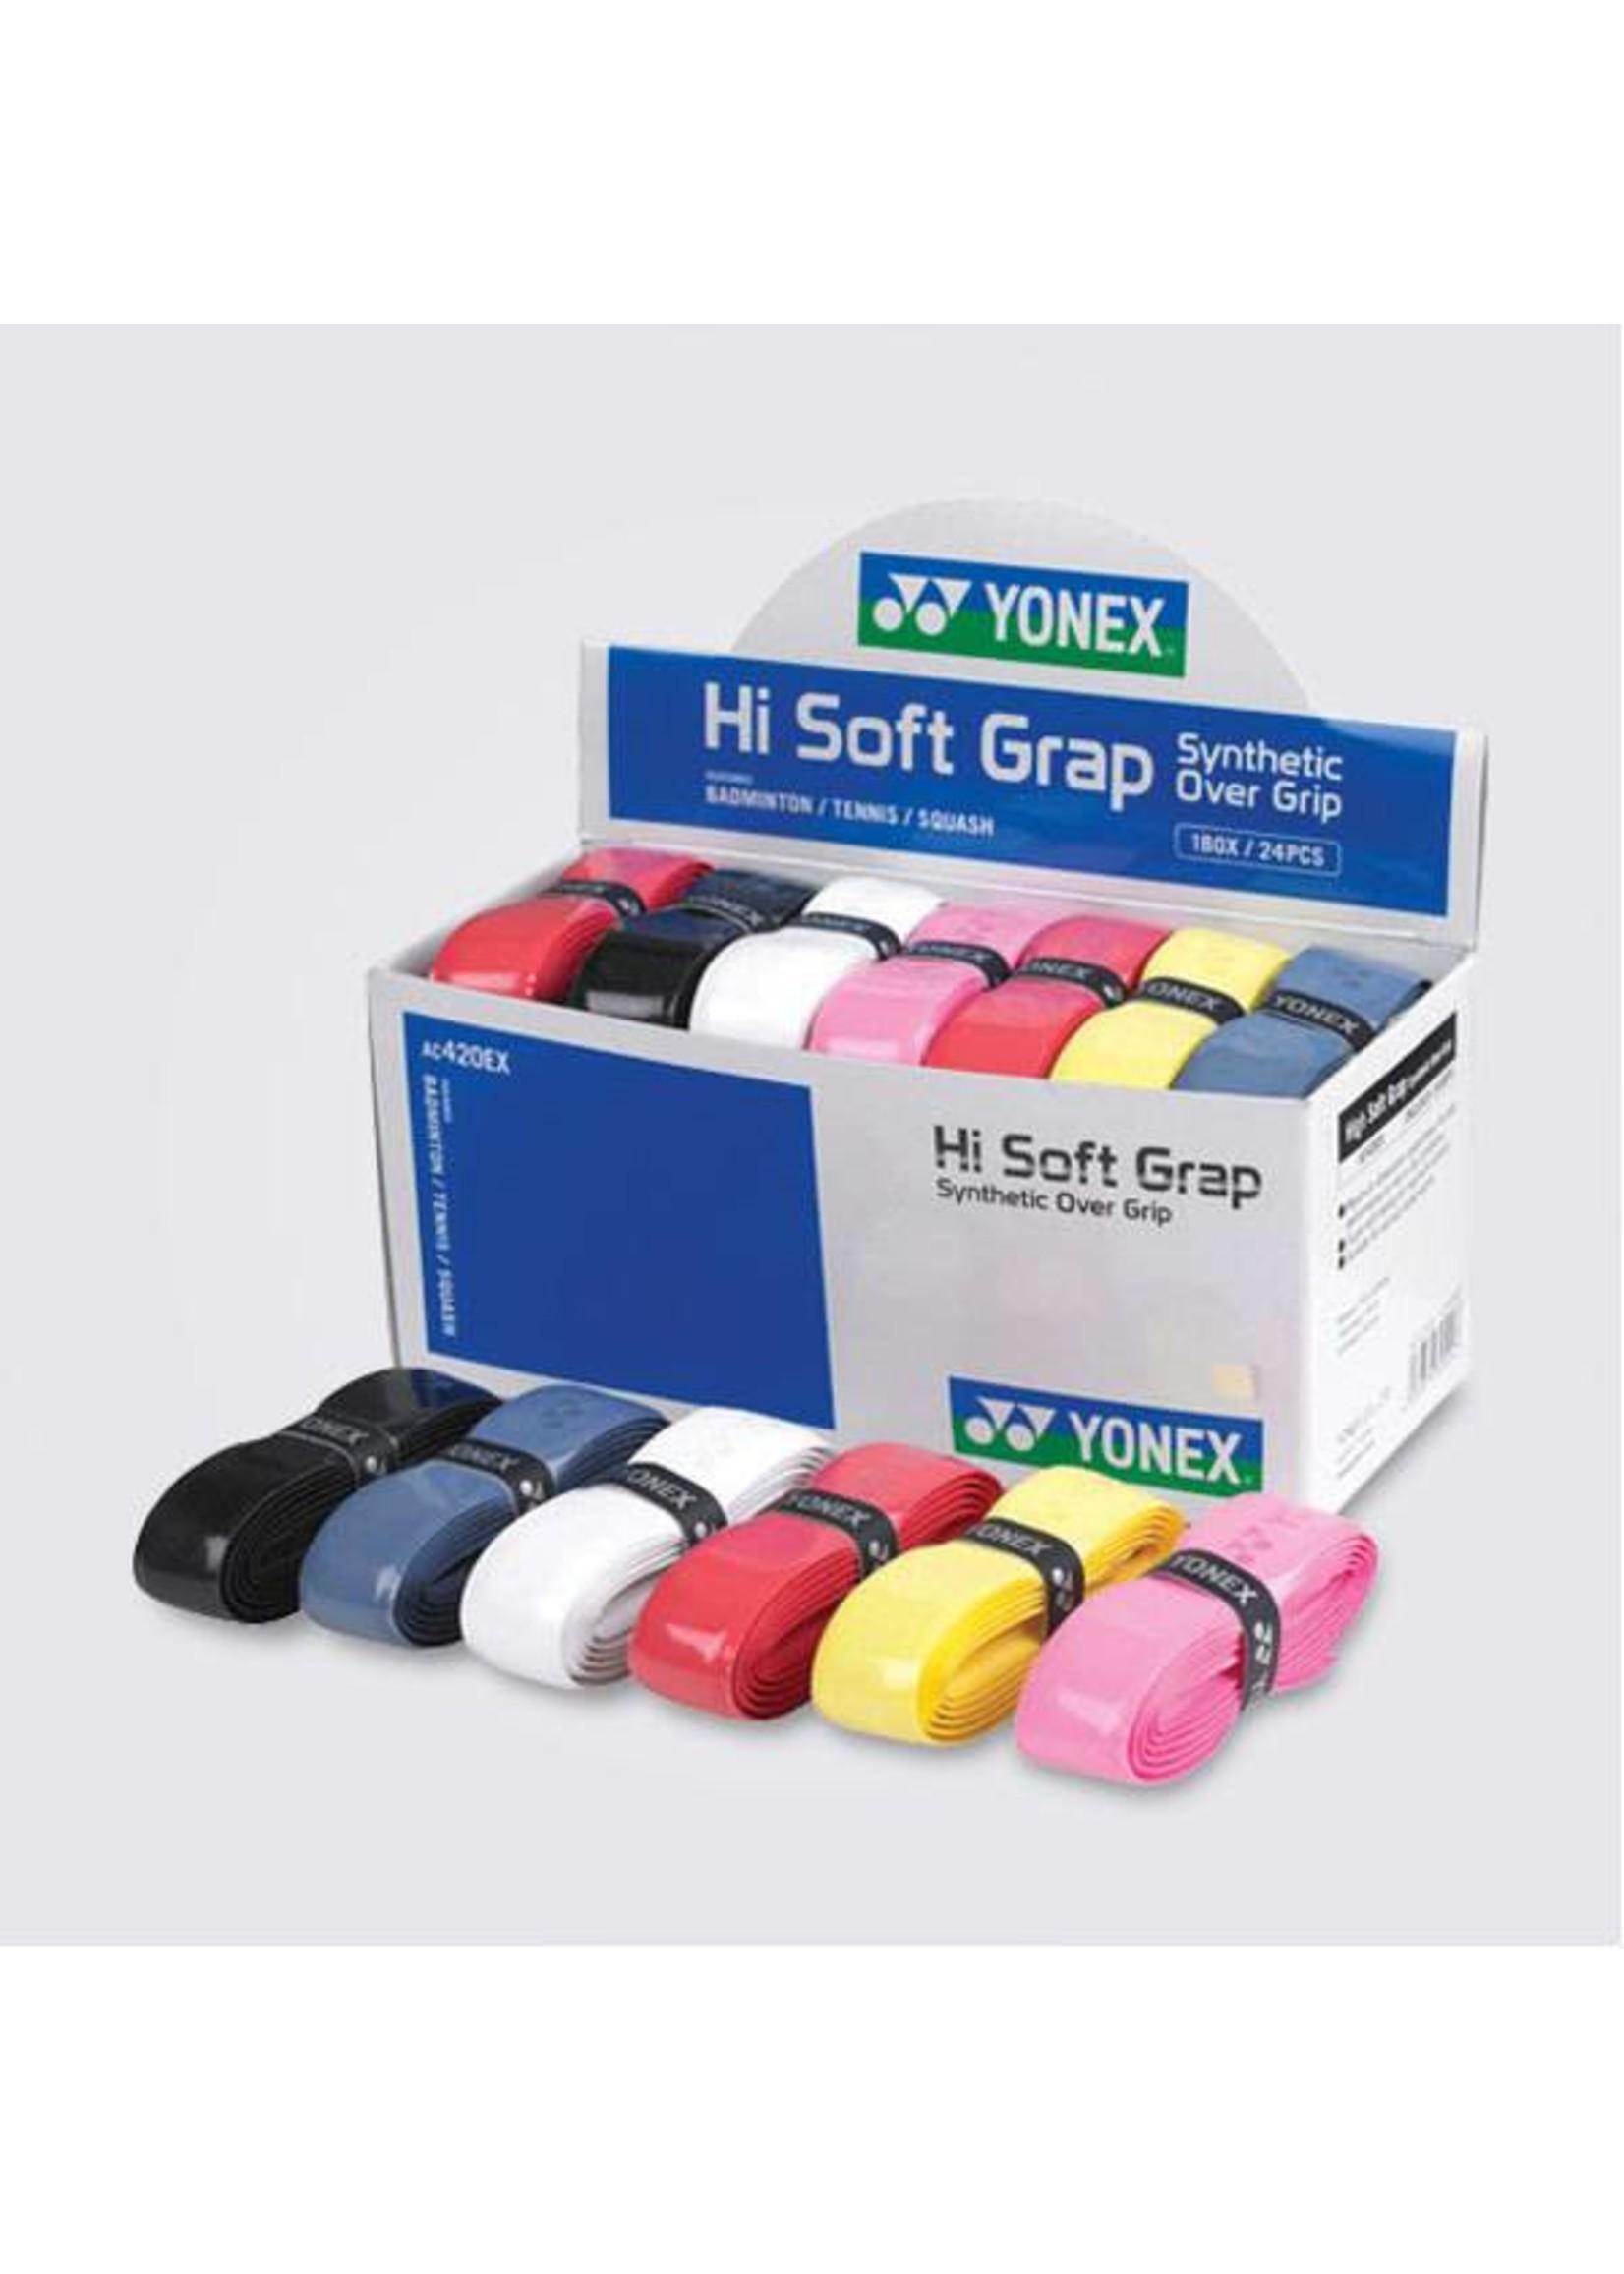 Yonex Yonex Hi Soft Grip box of 24 assorted